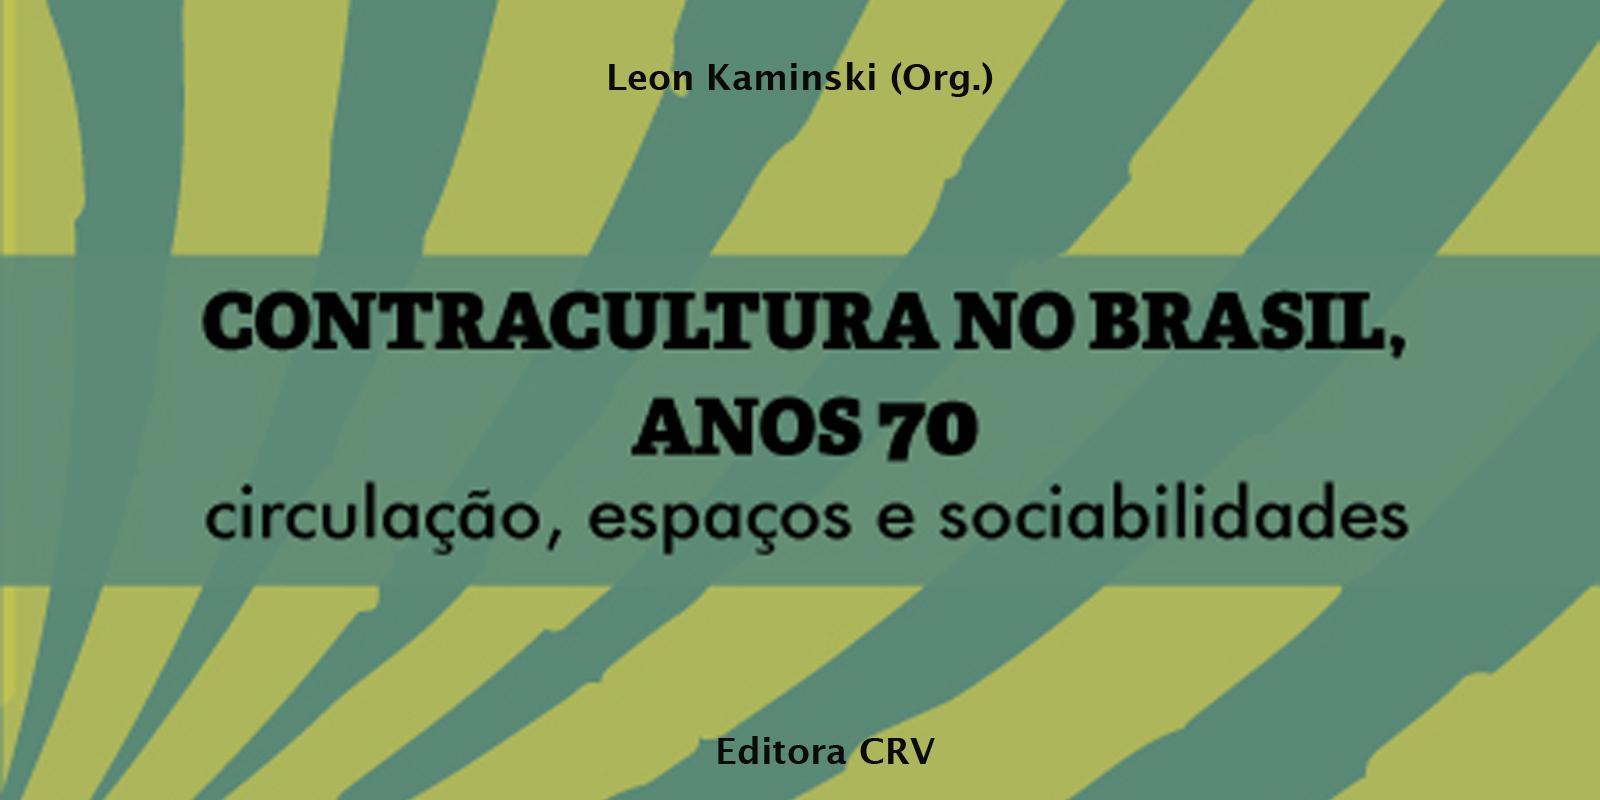 Livro sobre Contracultura conta com participação especial de professor da UNIFAAT